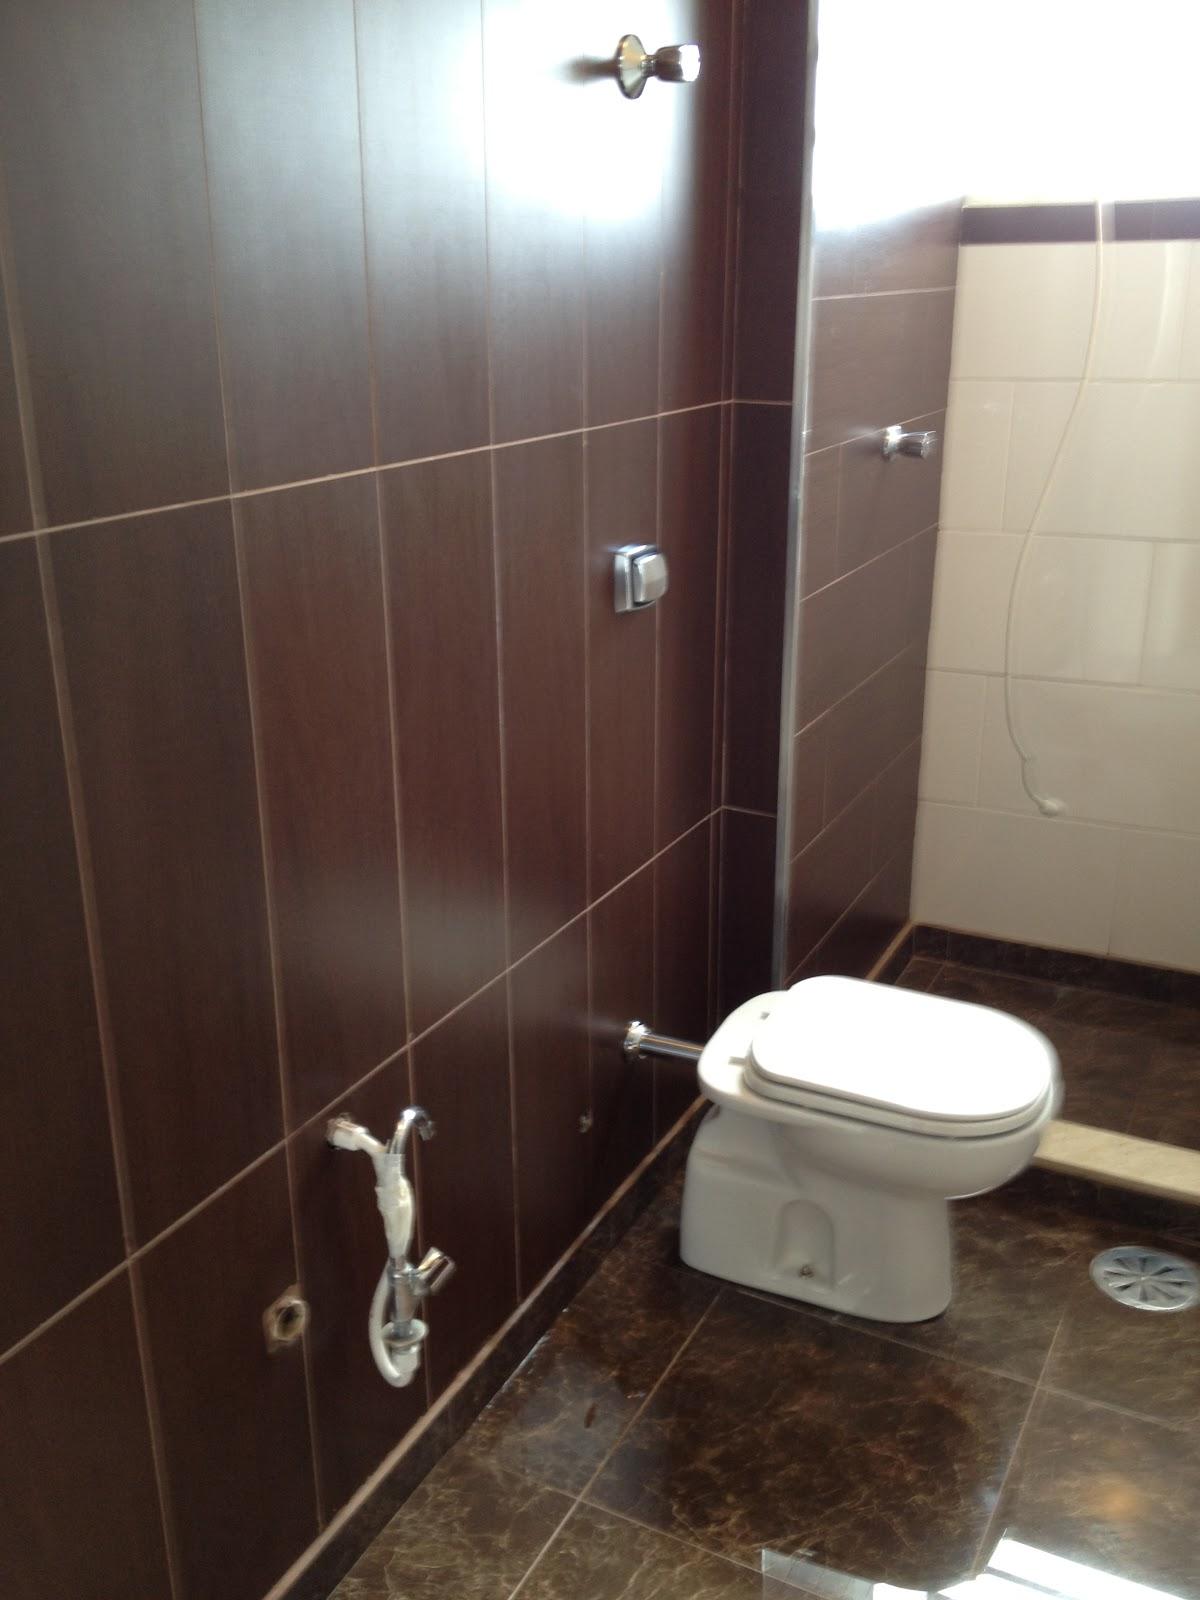 Bem vindos!: Reforma Banheiro #392722 1200x1600 Aviso Banheiro Em Manutenção